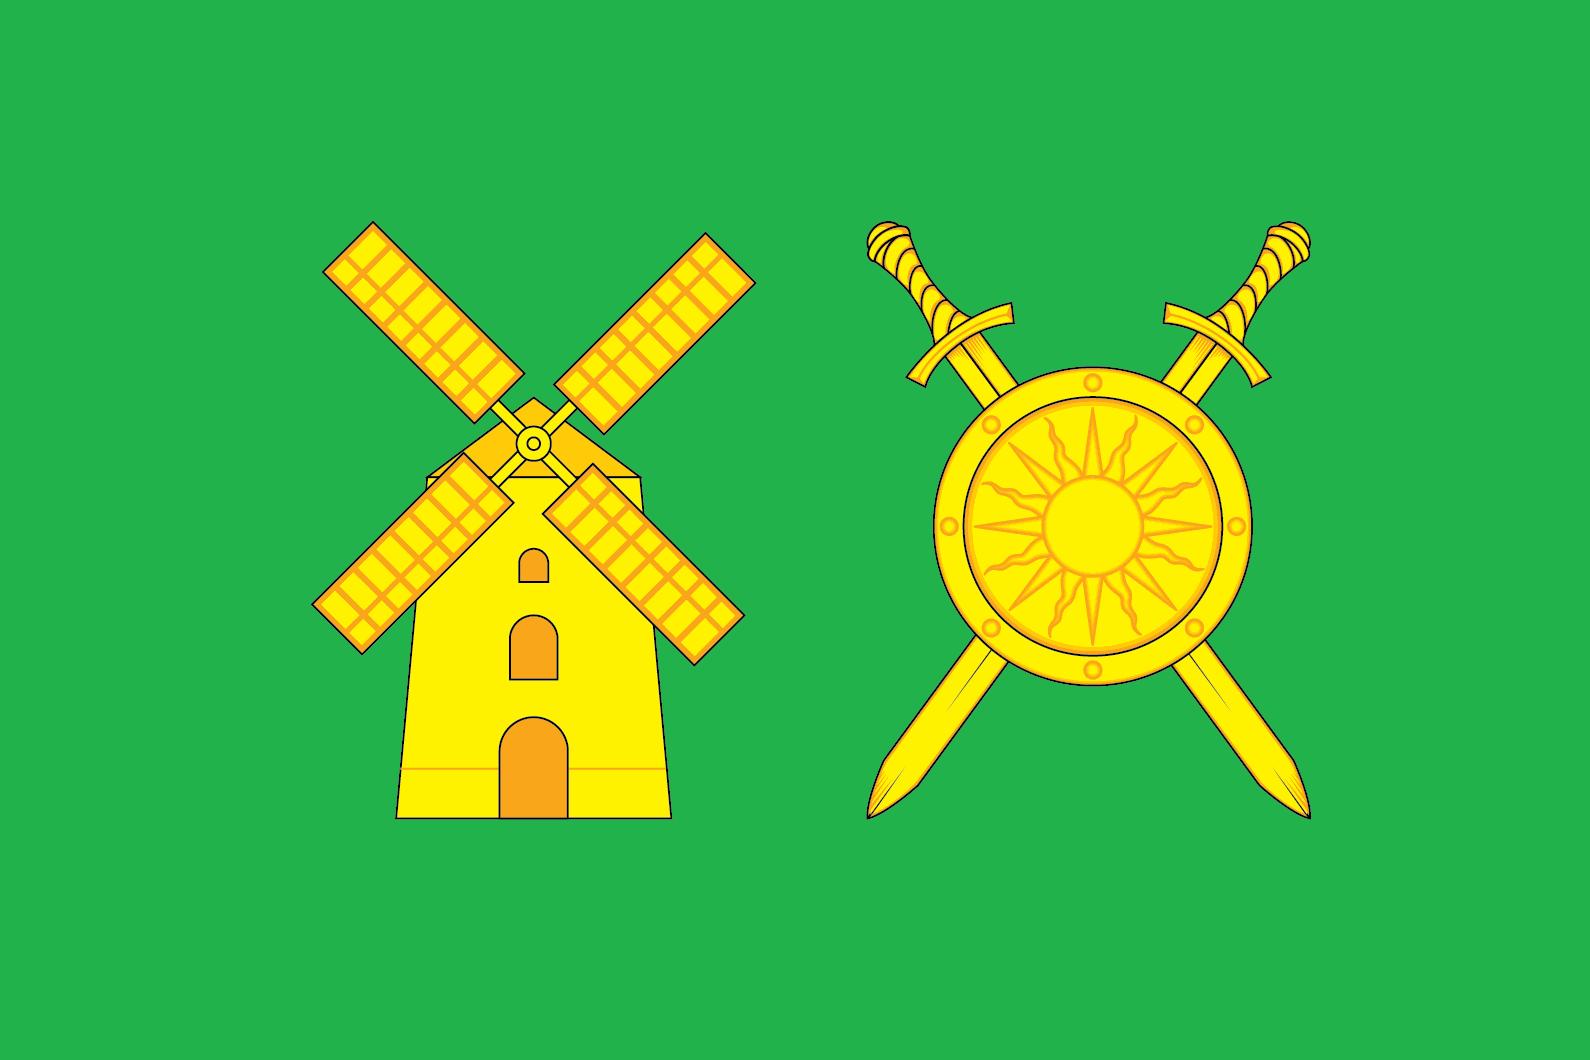 герб города володарск фото